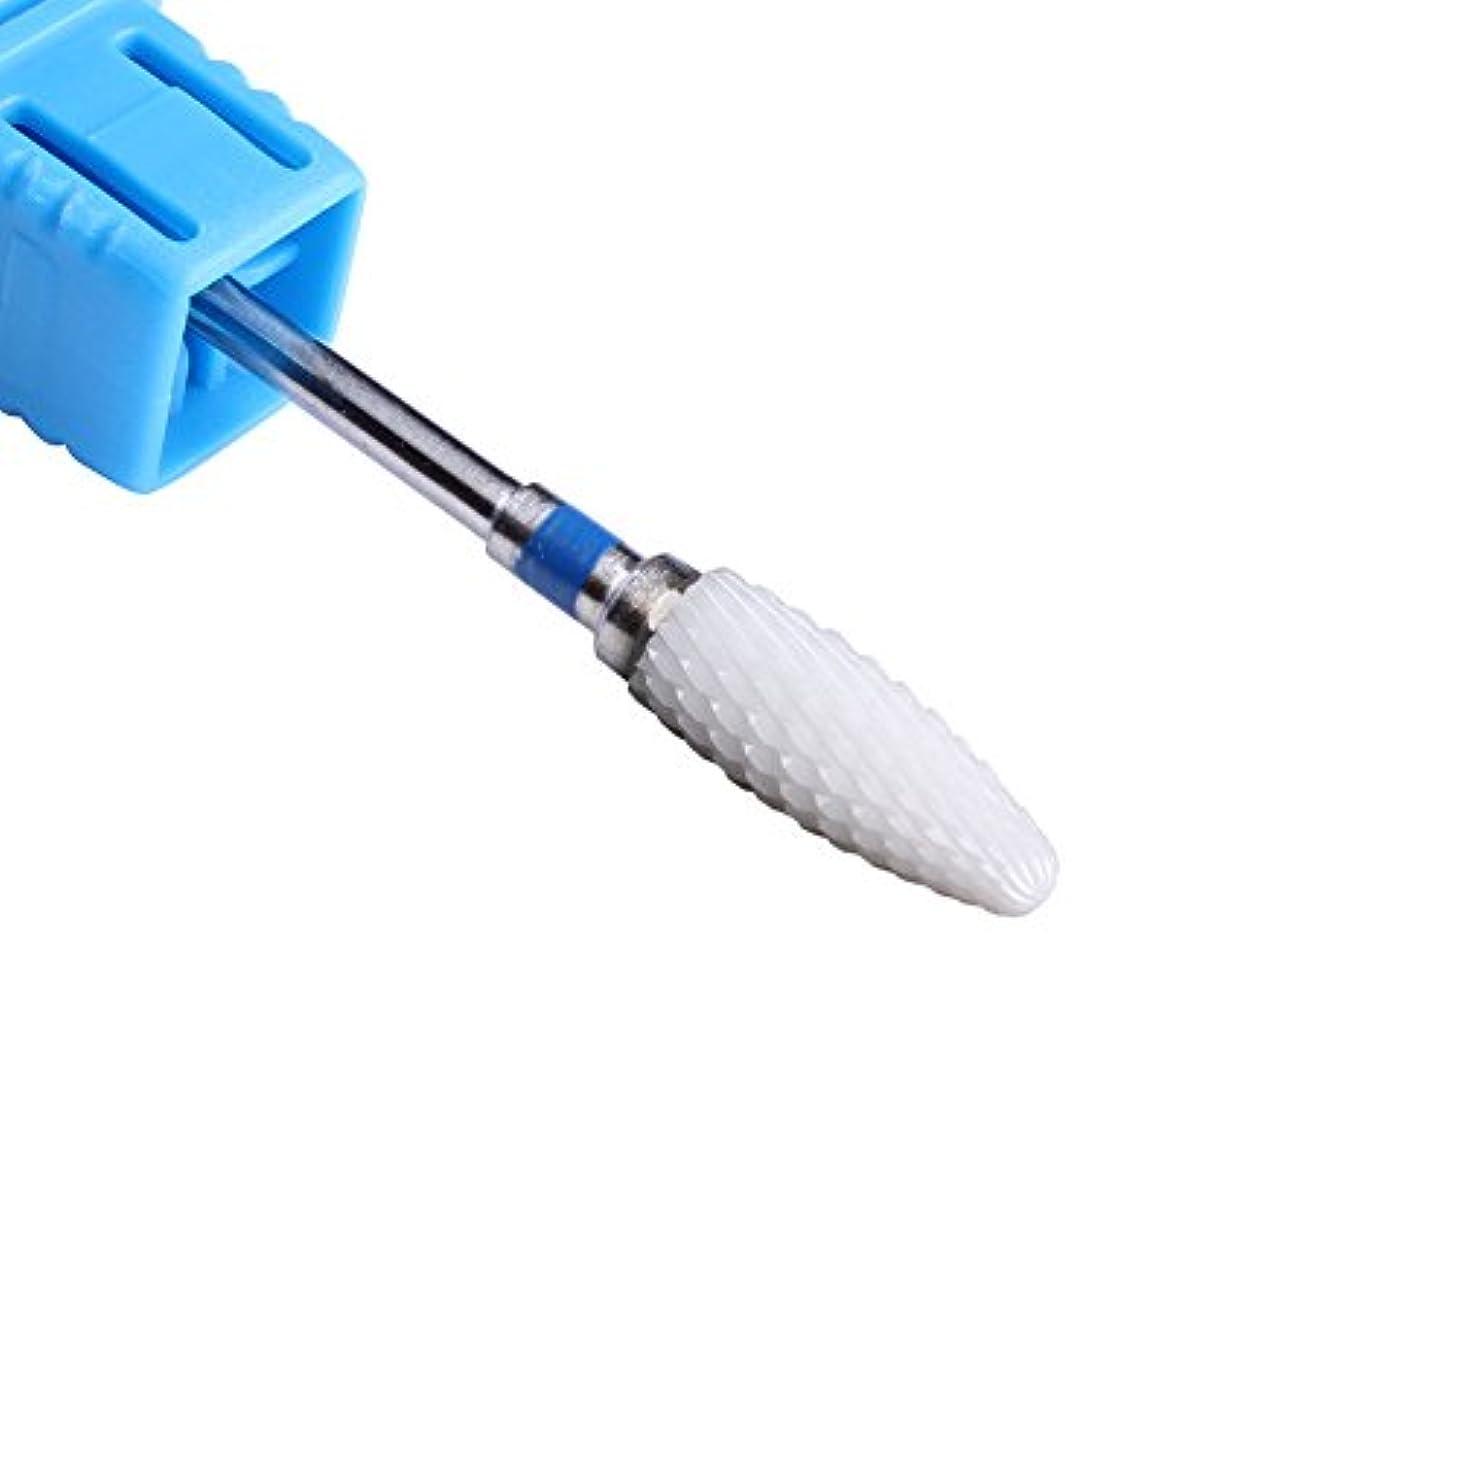 優雅風景流すミディアム陶磁器ネイルドリルビット, 電気ドリルビット, アクリル UVゲル 除去ツール